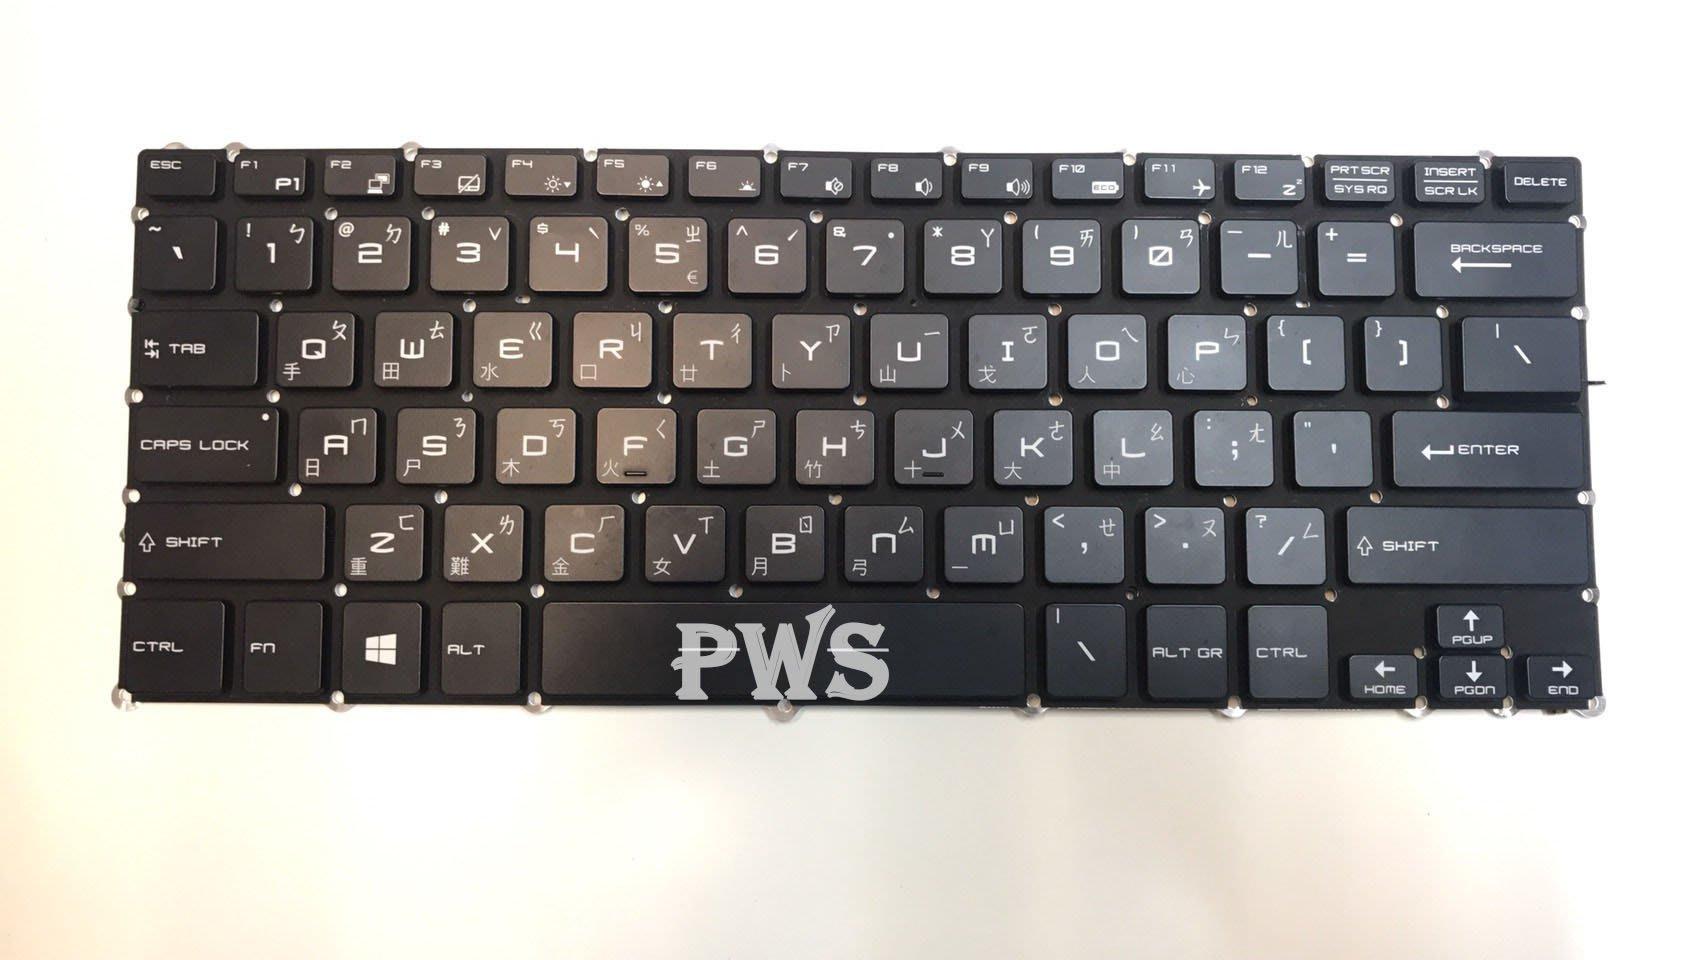 ☆【全新 MSI 微星  GS40 GS43 GS30 GS32 背光 中文鍵盤 鍵盤】☆